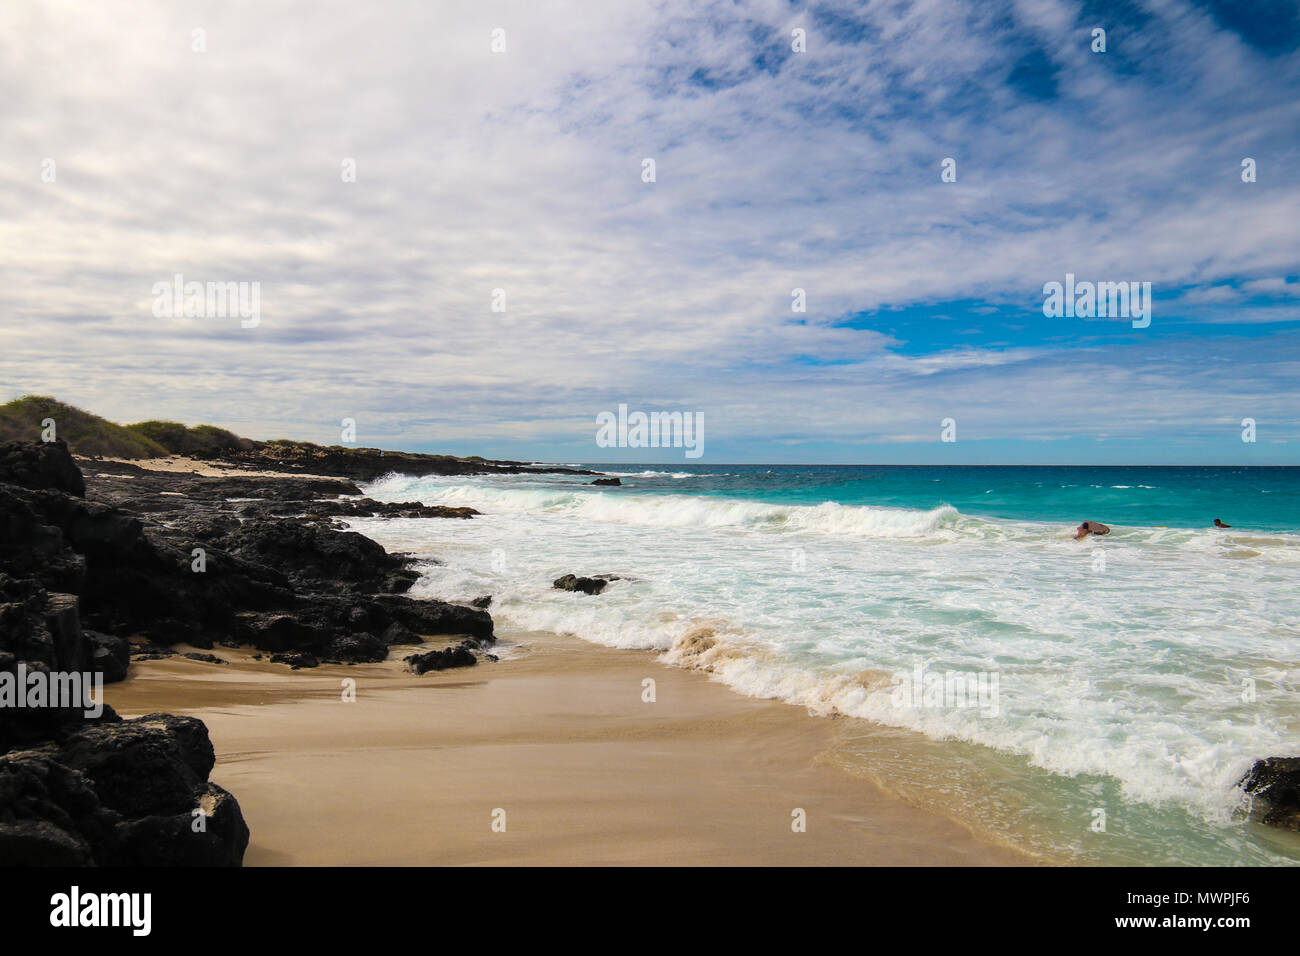 Uno dei più belli e più votati spiagge del mondo - Wailea Beach, Maui, Hawaii, STATI UNITI D'AMERICA Immagini Stock